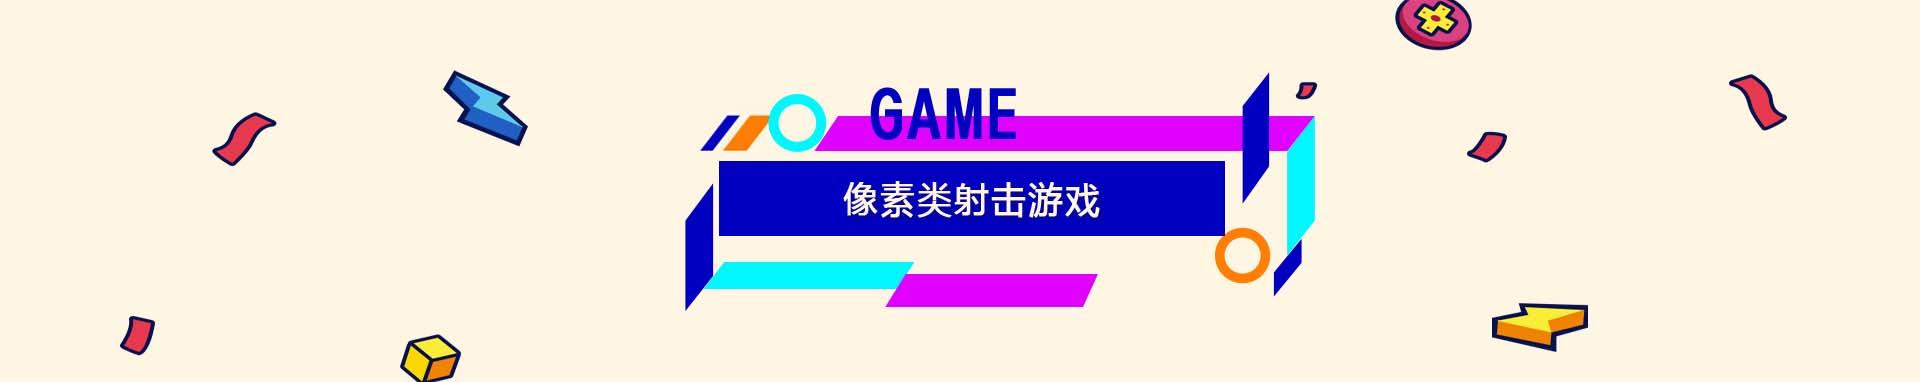 像素类射击游戏_斗蟹游戏网